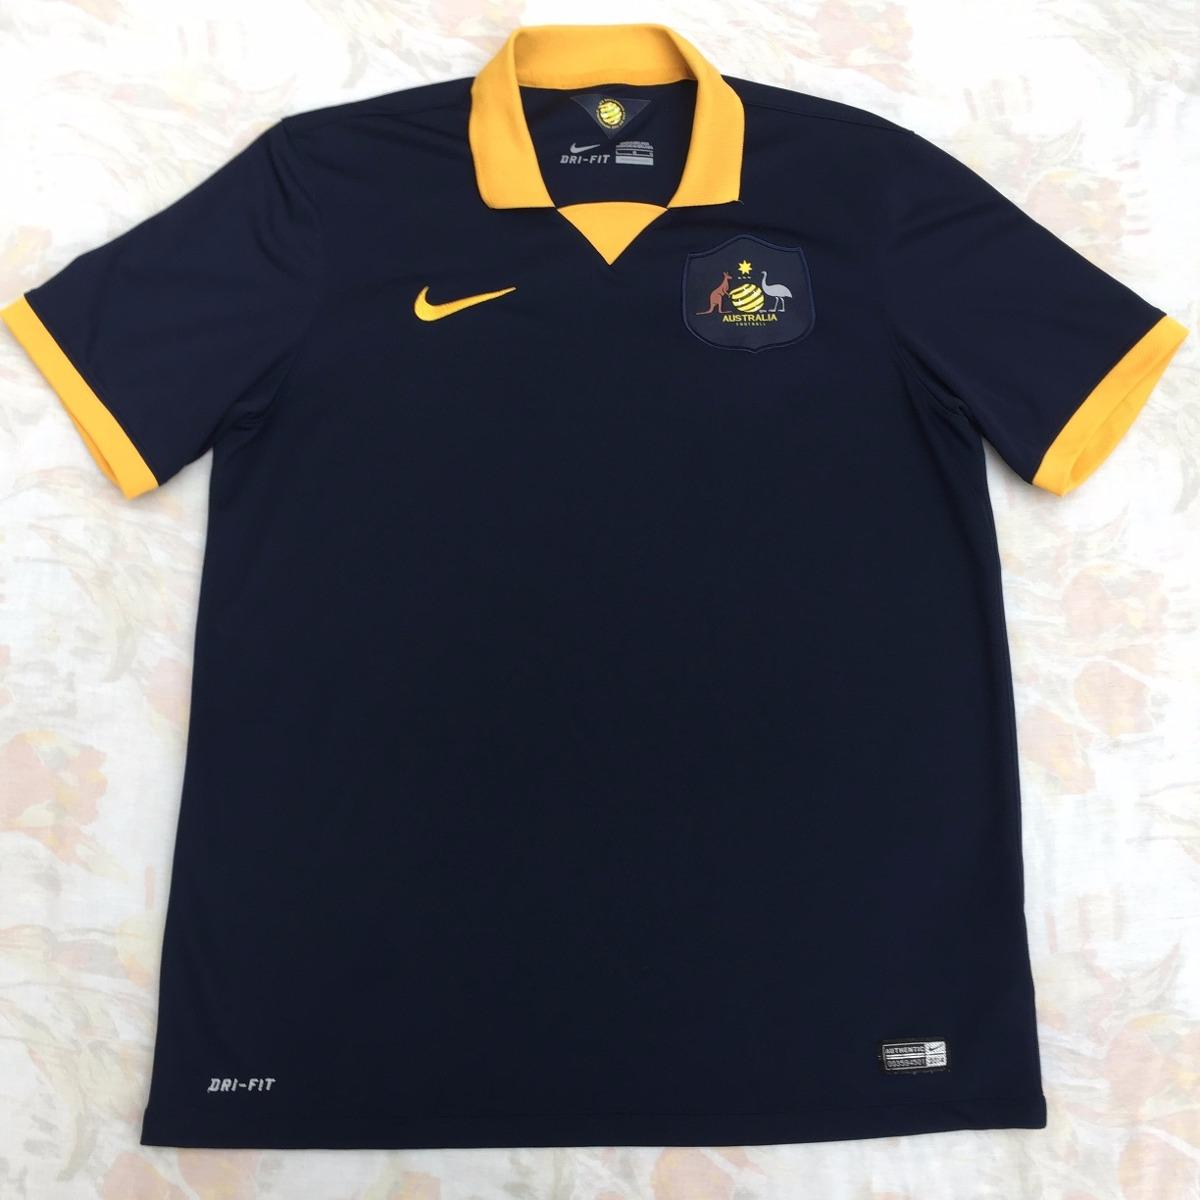 3af1c03ba0605 ... camisa nike austrália away 2014 g fn1608. Carregando zoom.